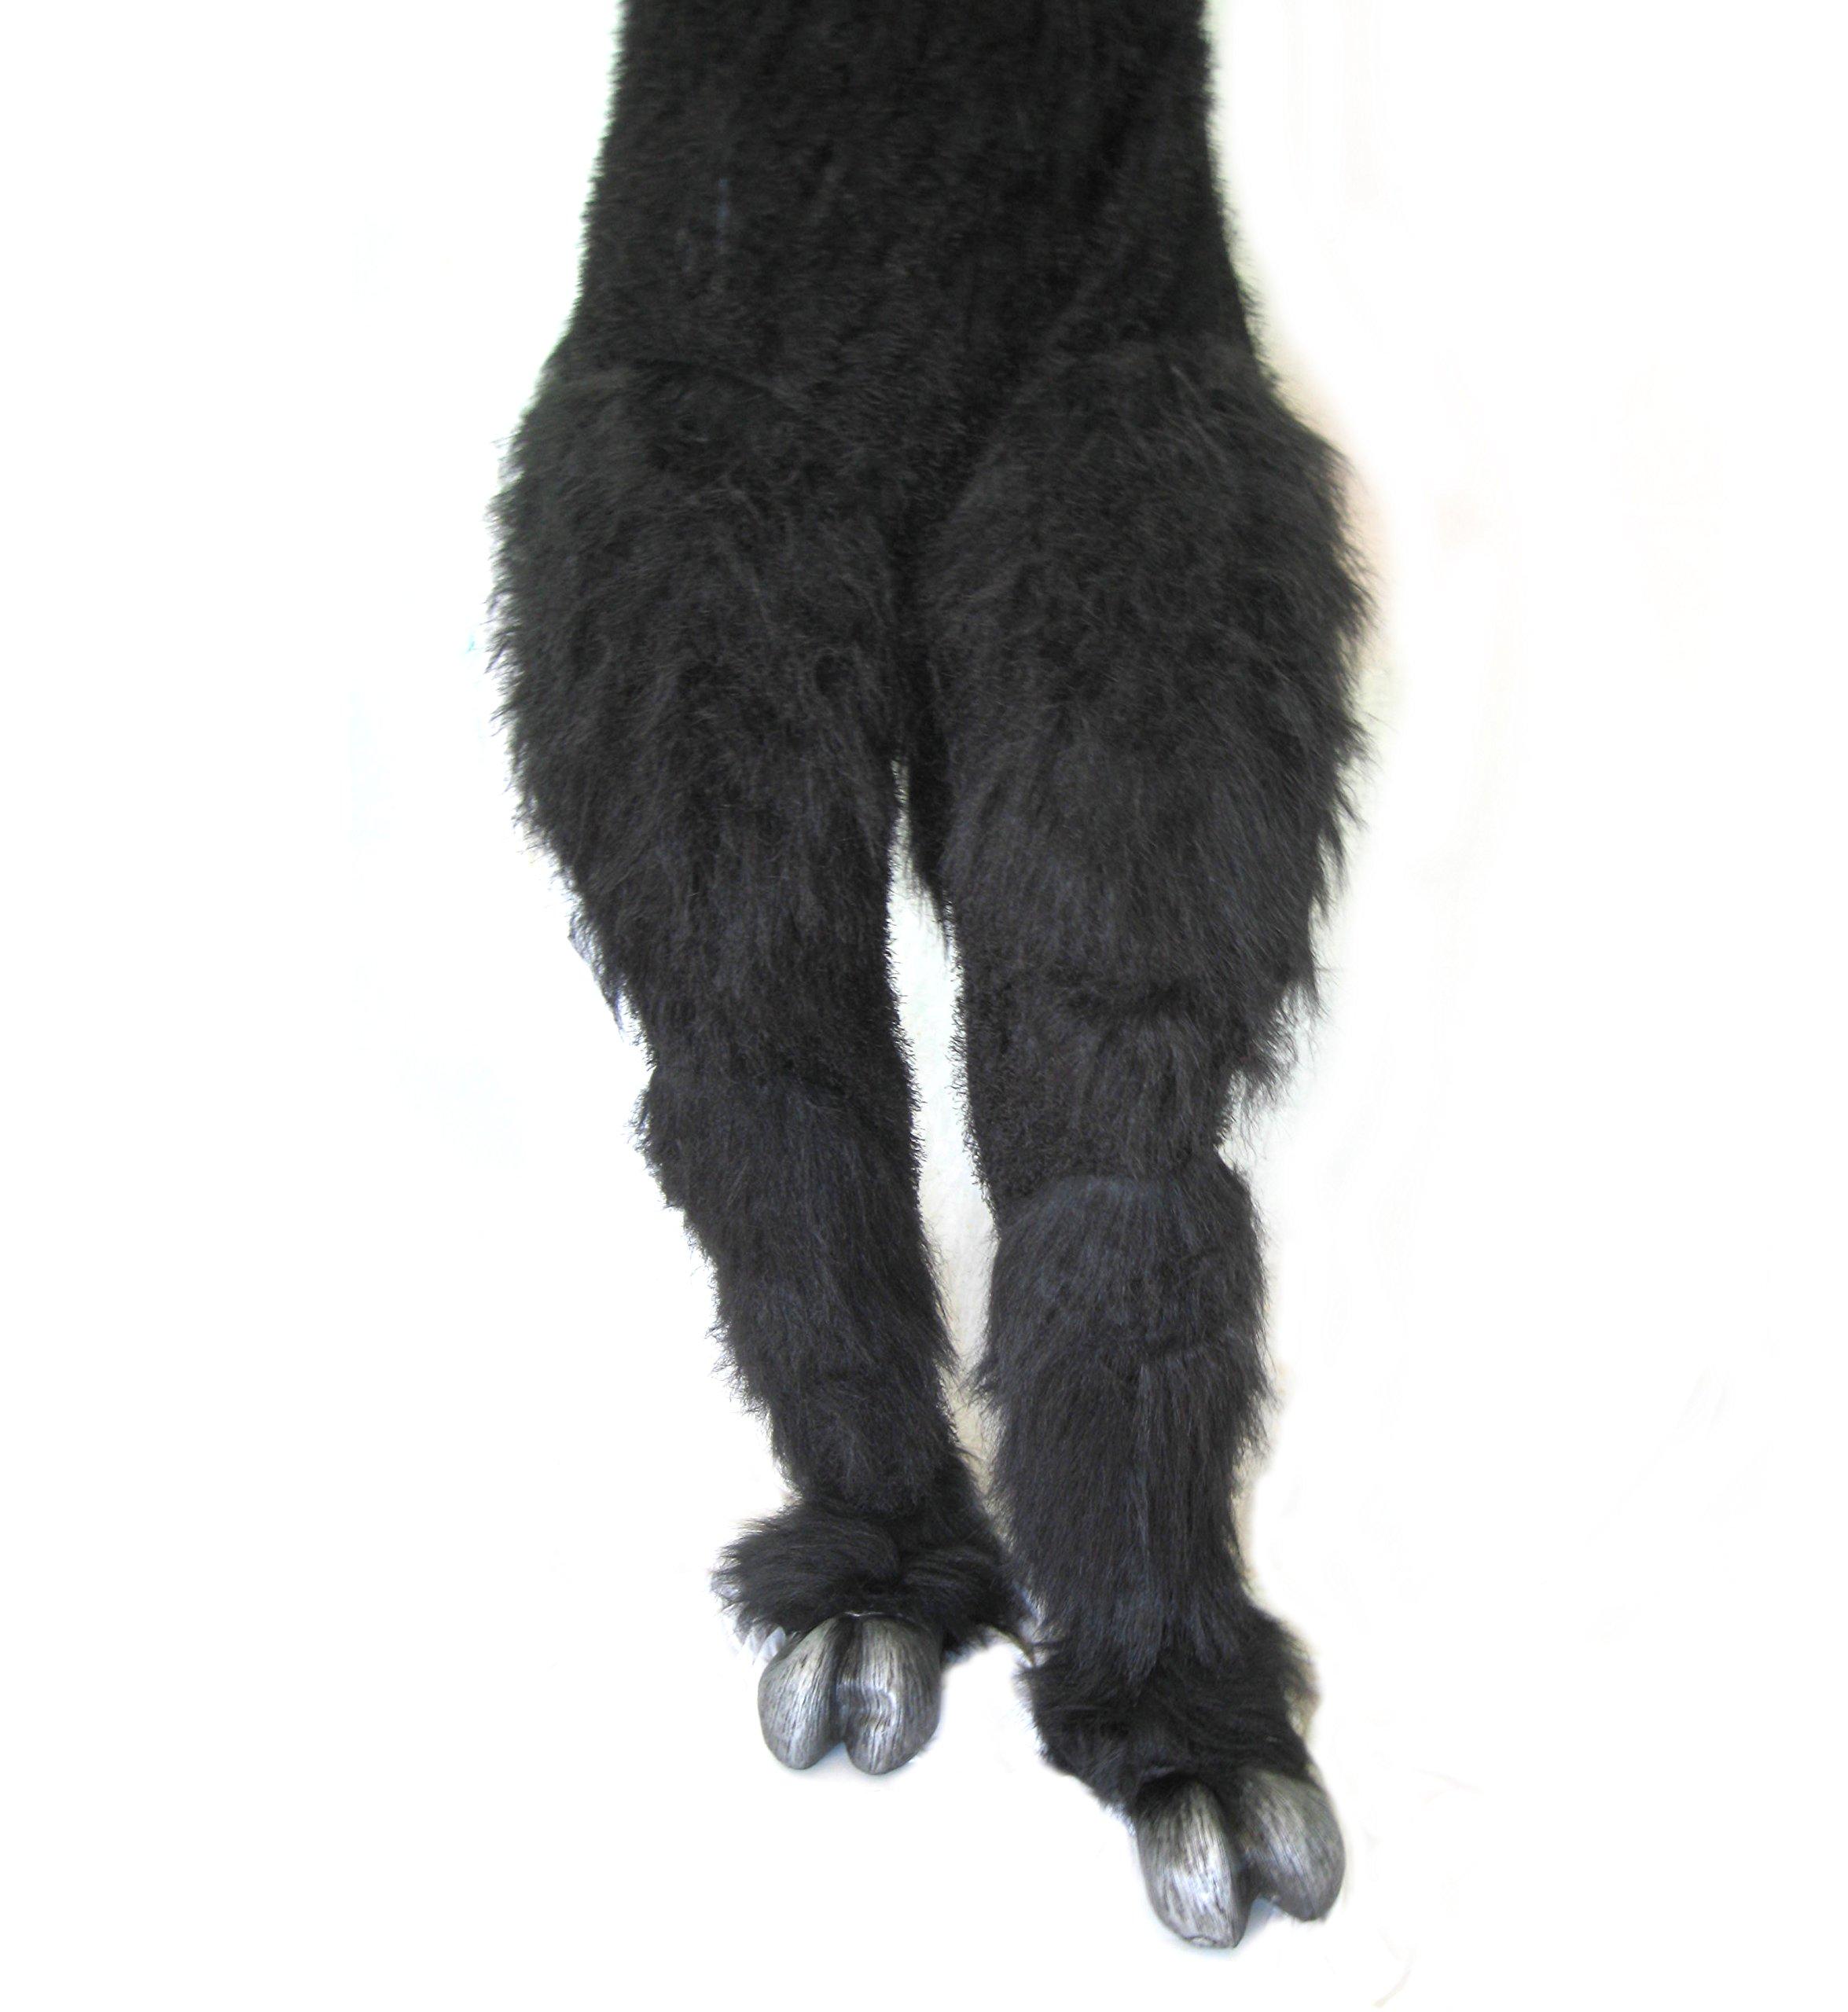 Zagone Studios Black Legs & Hooves Costume Combo